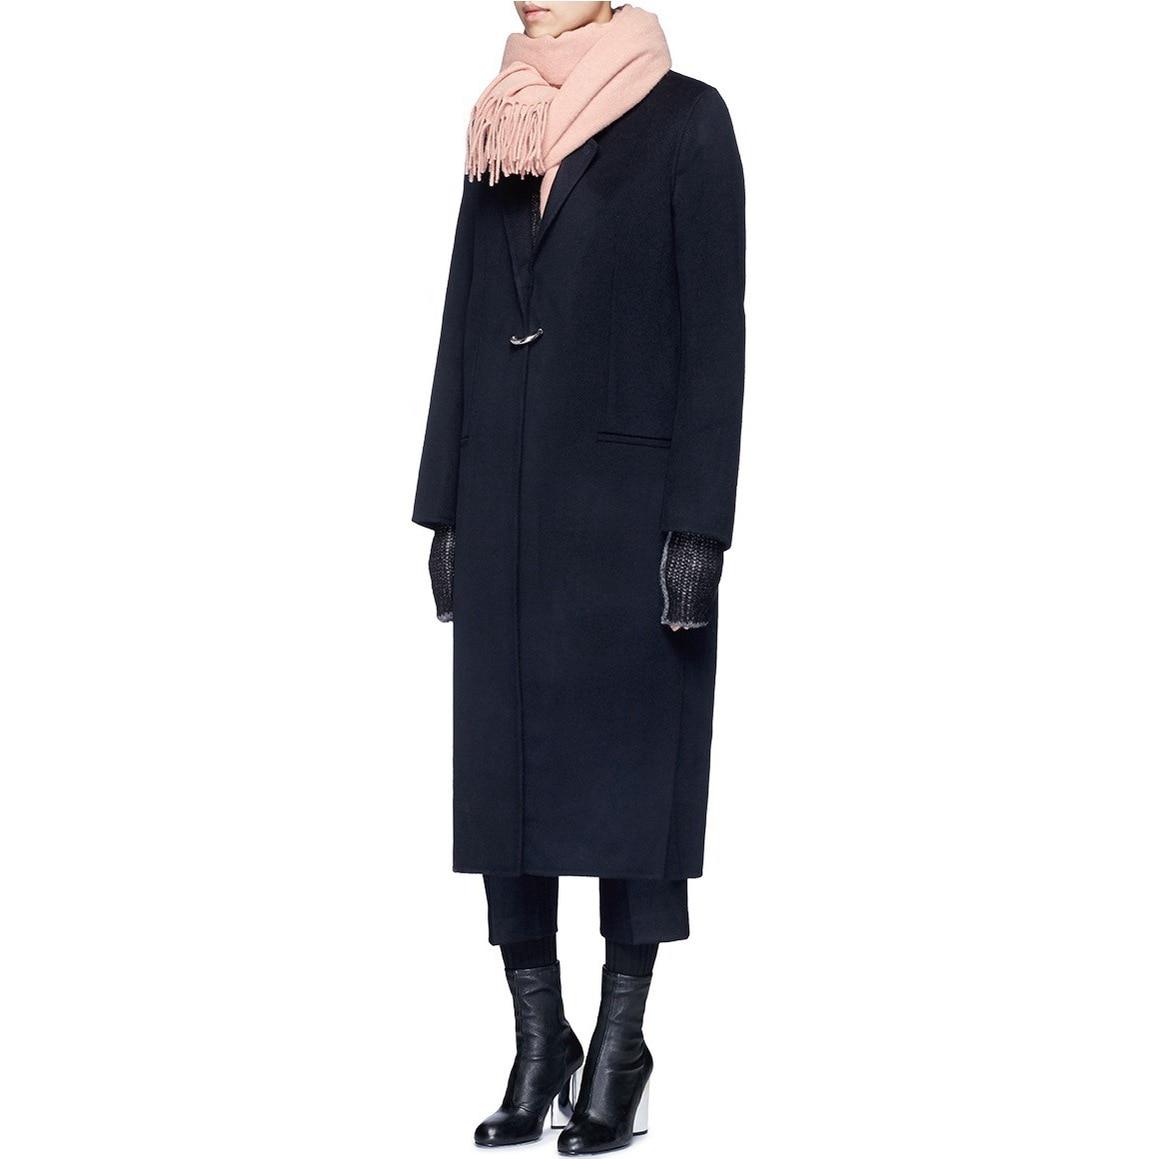 Il Alta Più Navy Del Qualità Sottile Invernale Blu Vestiti Formato Moda Lungo Donne Giacca Lana Singolo 2018 Femminile Di Pulsante Qmgood Delle Cappotto EqCBvBw